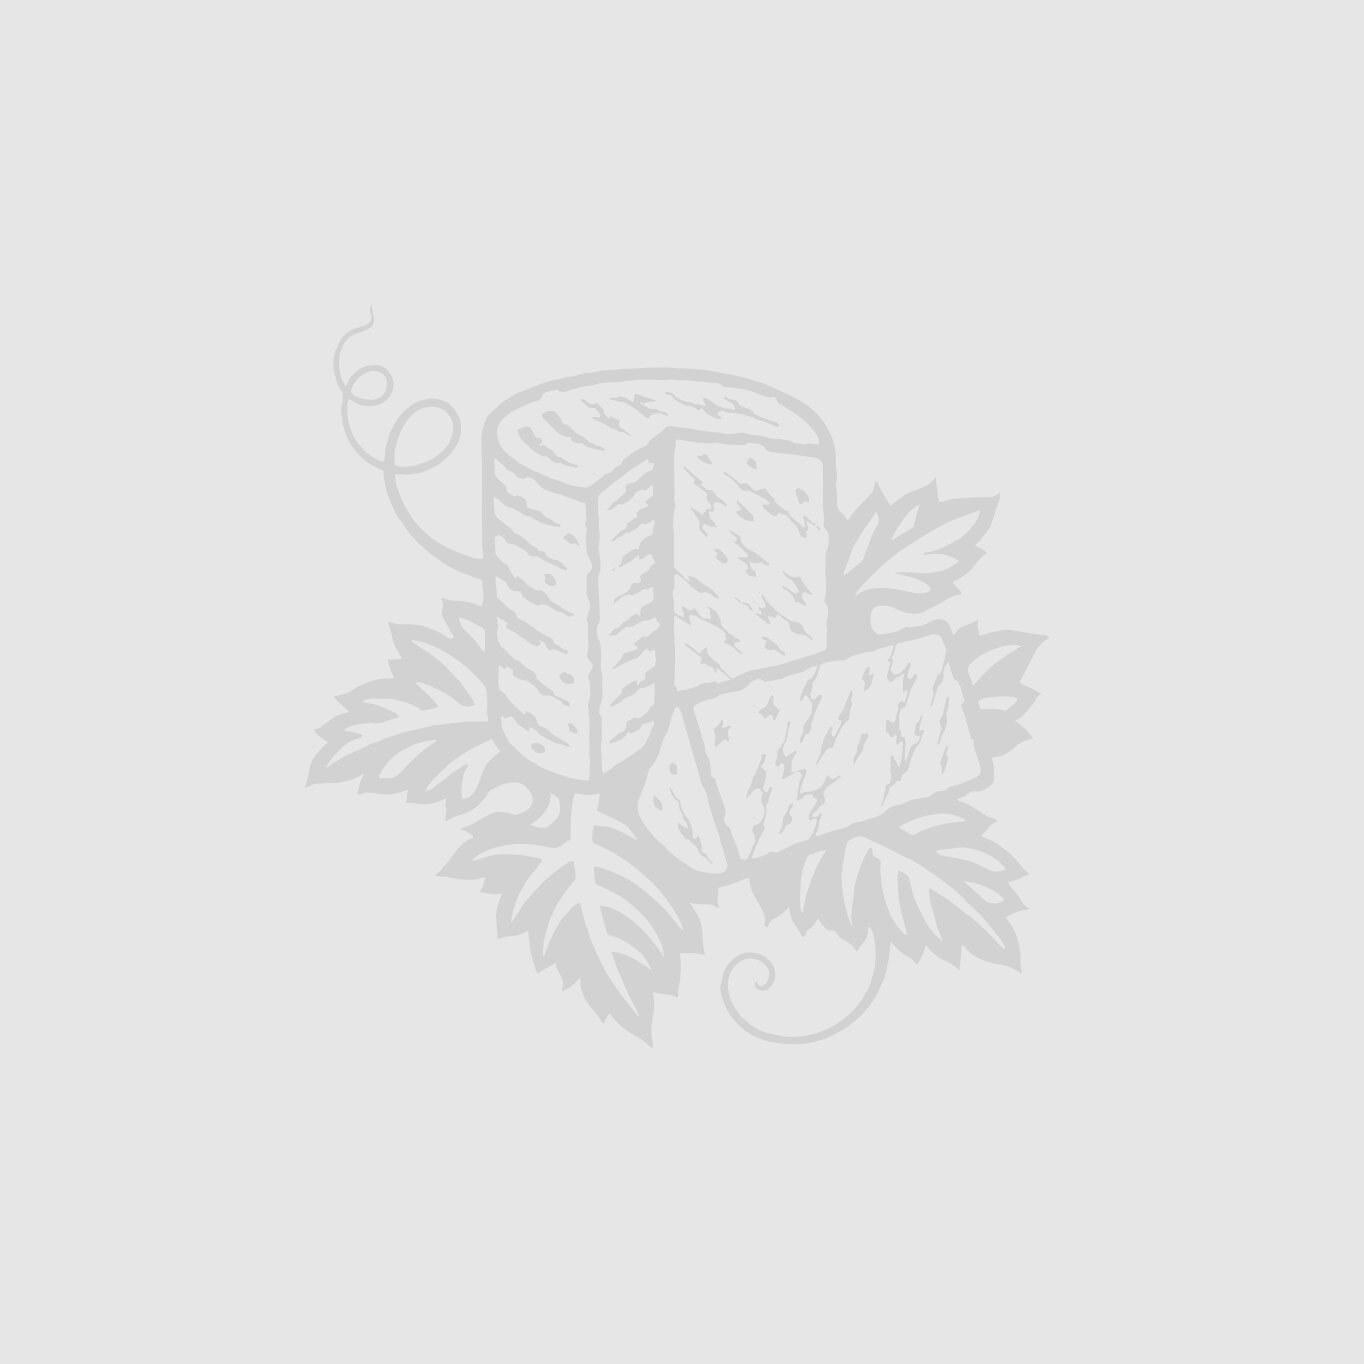 Fleurie Les Moriers Domaine Chignard 2017